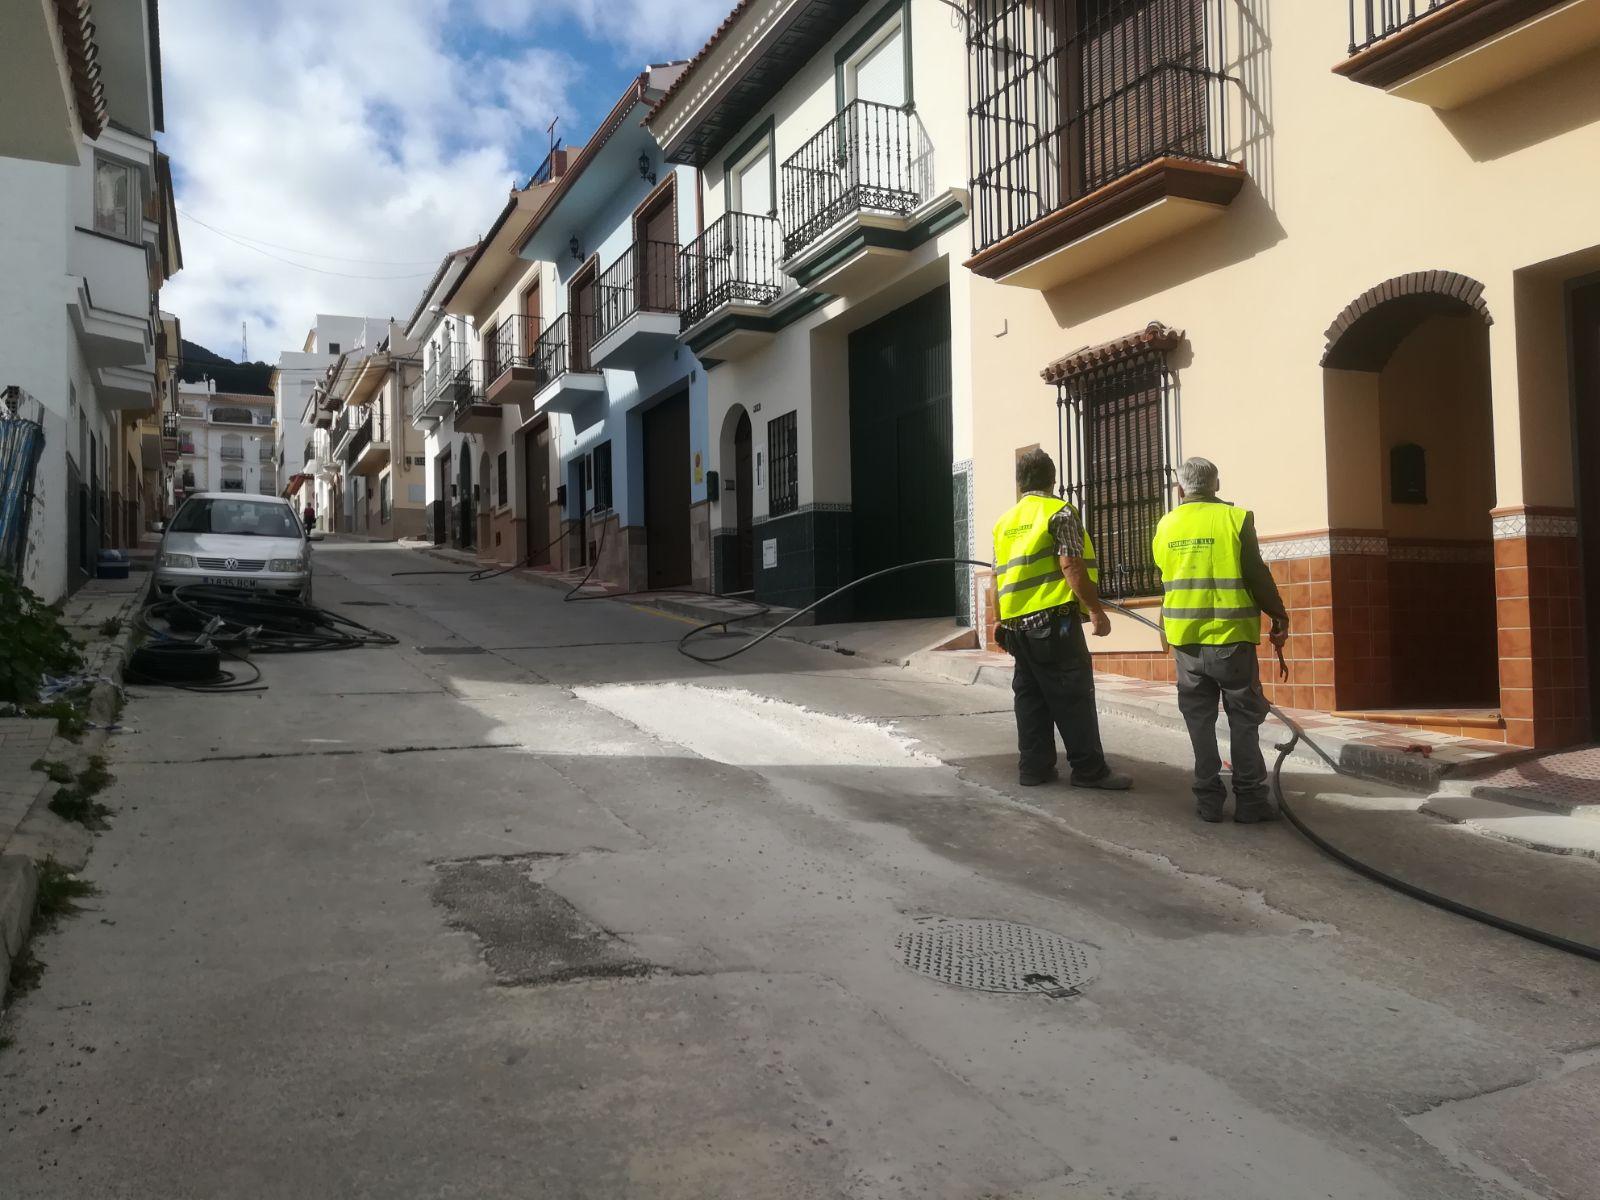 El Ayuntamiento de Alhaurín el Grande invierte cerca de medio millón de euros en las calles Molinos de Abajo y terminación de Fuengirola.